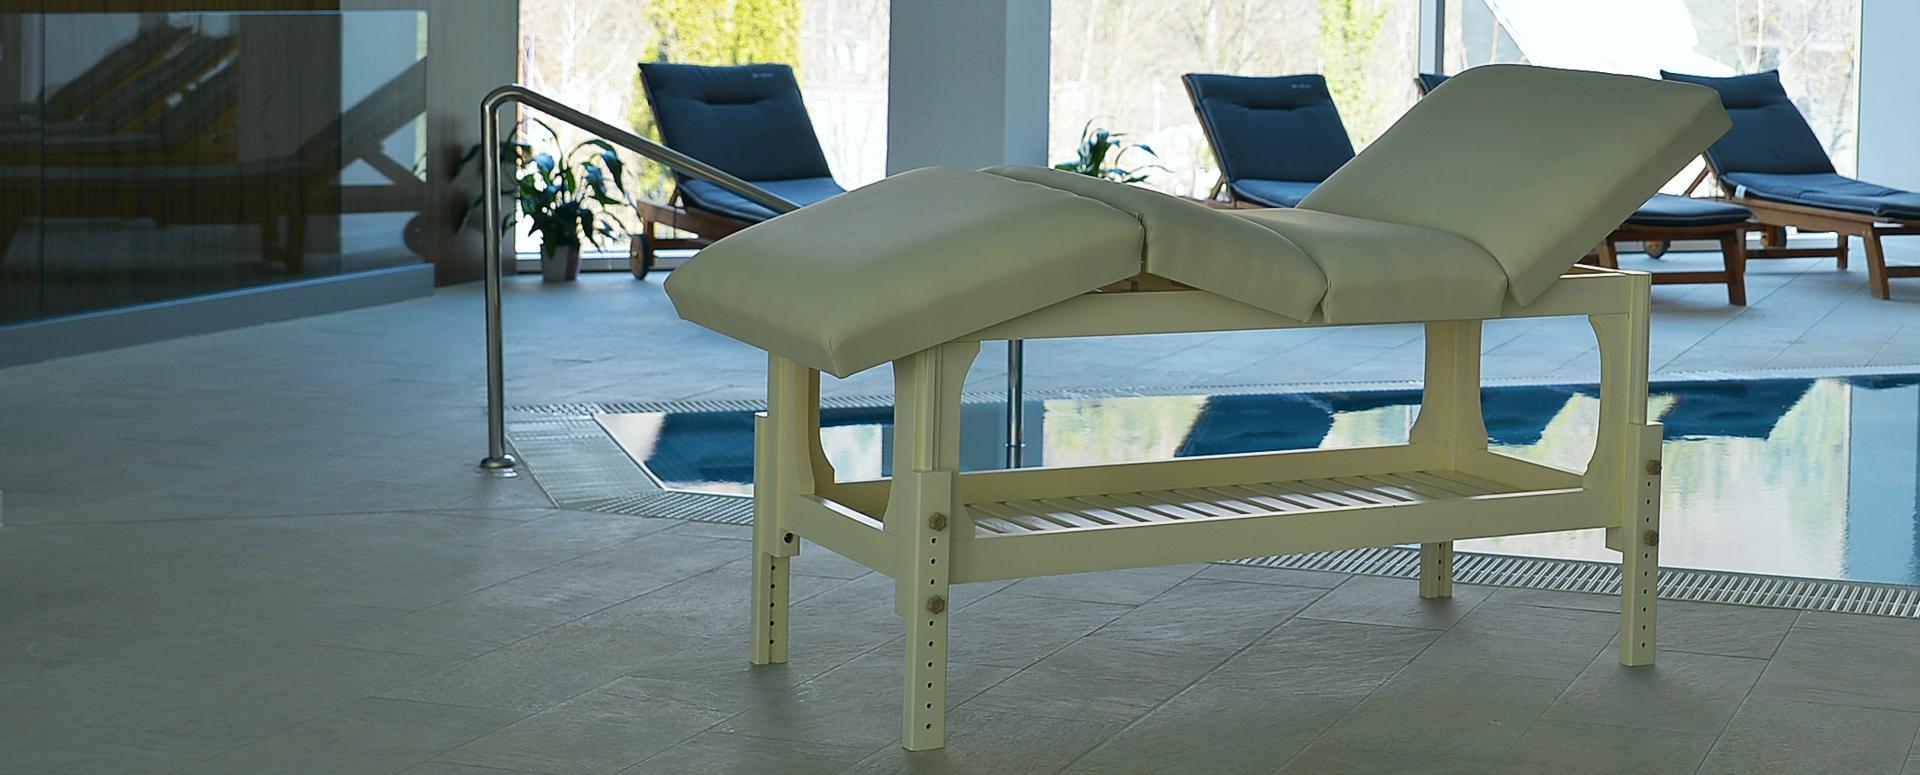 Masă de masaj staționară, model Lotus, tapițerie crem, finisaj lemn crem, pernă doua secțiuni, la Hotel Internațional Sinaia